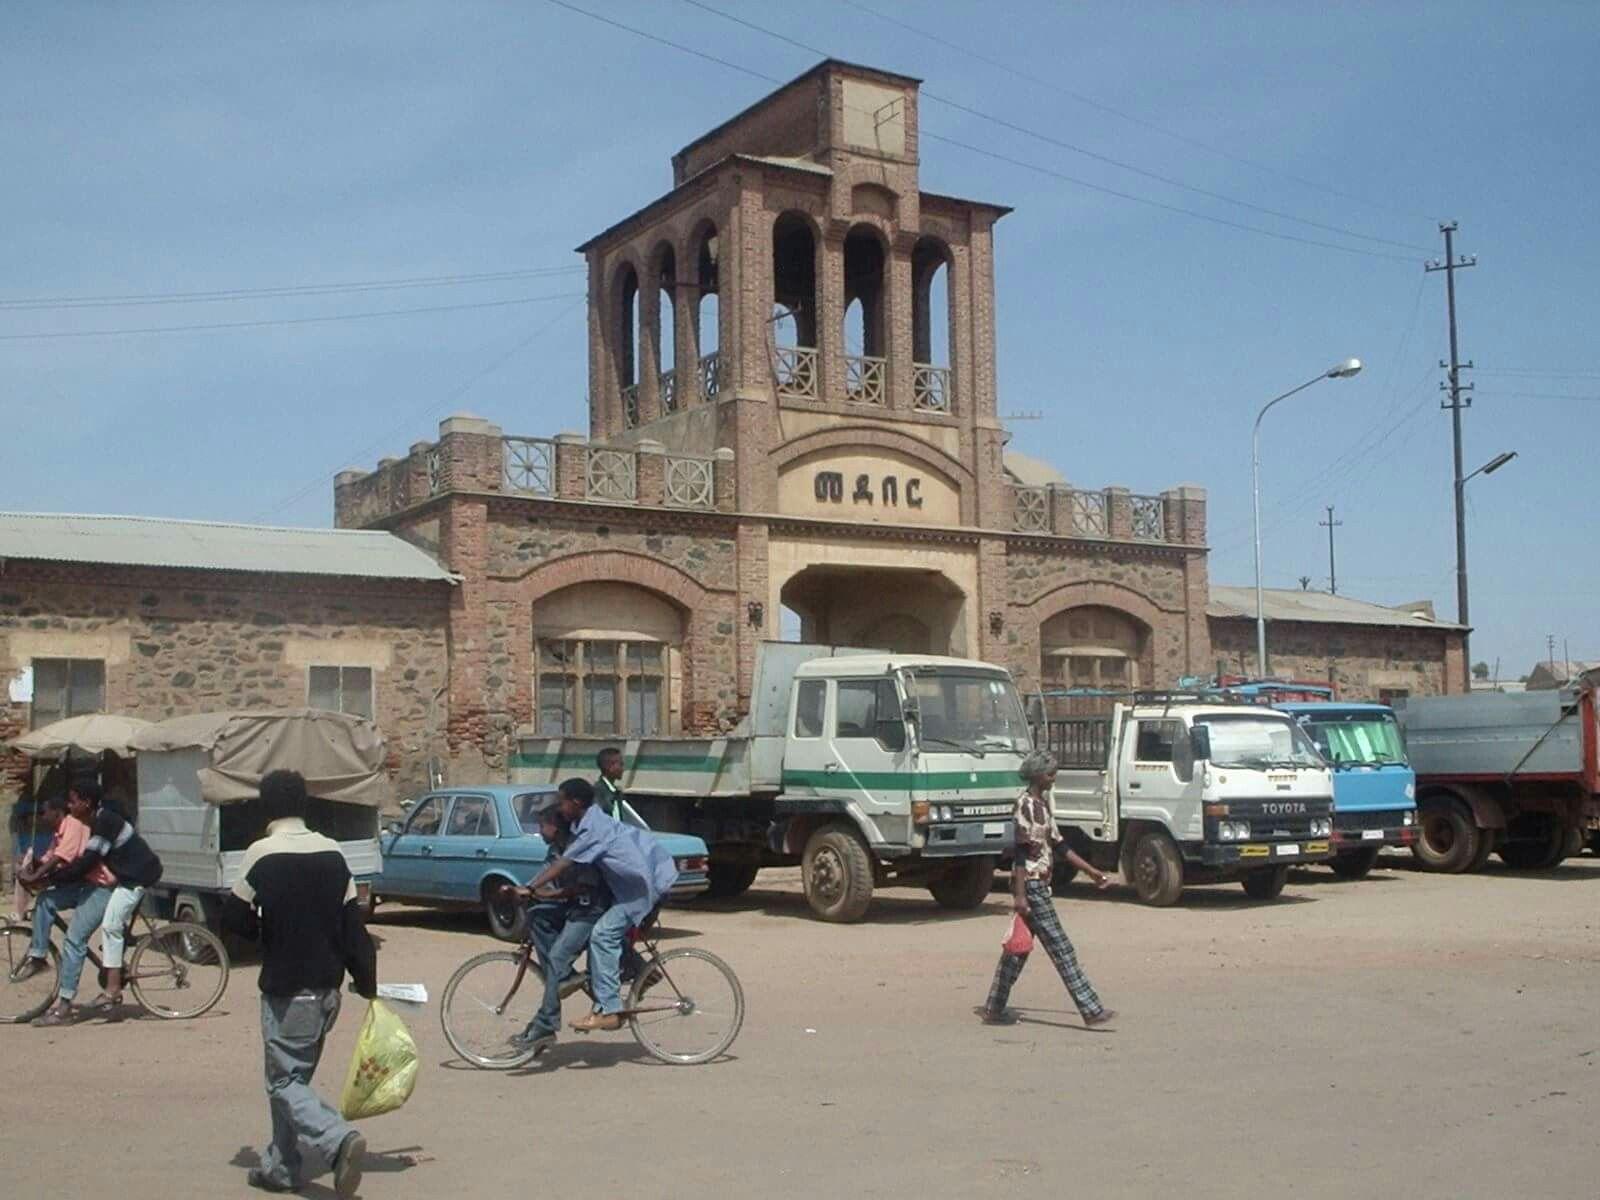 2004 Medeber - Asmara old train station Keren shida monument